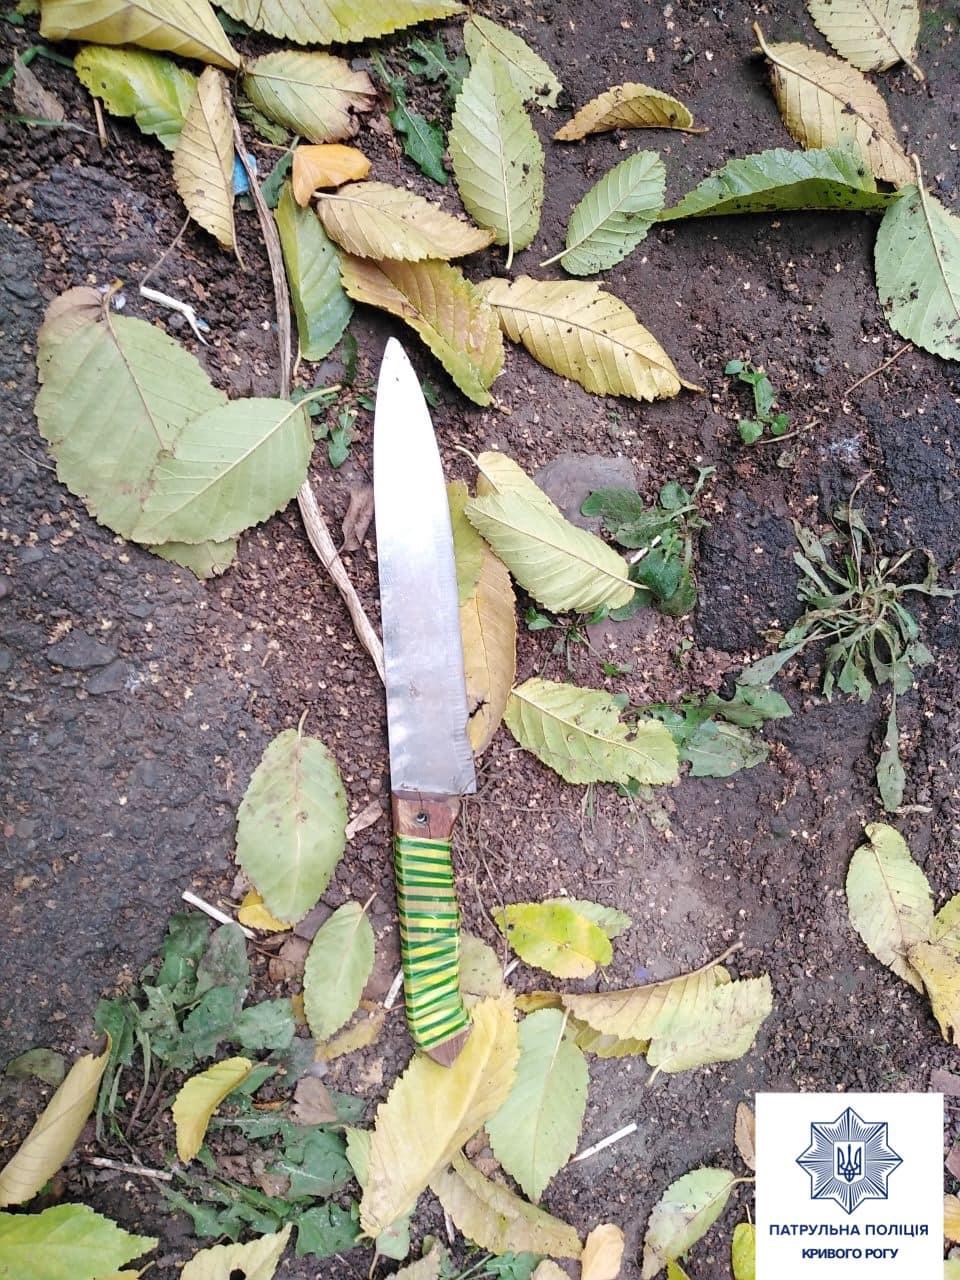 """Бігав з ножем і лякав людей: у Кривому Розі спіймали ще одного """"різника"""" (фото)"""